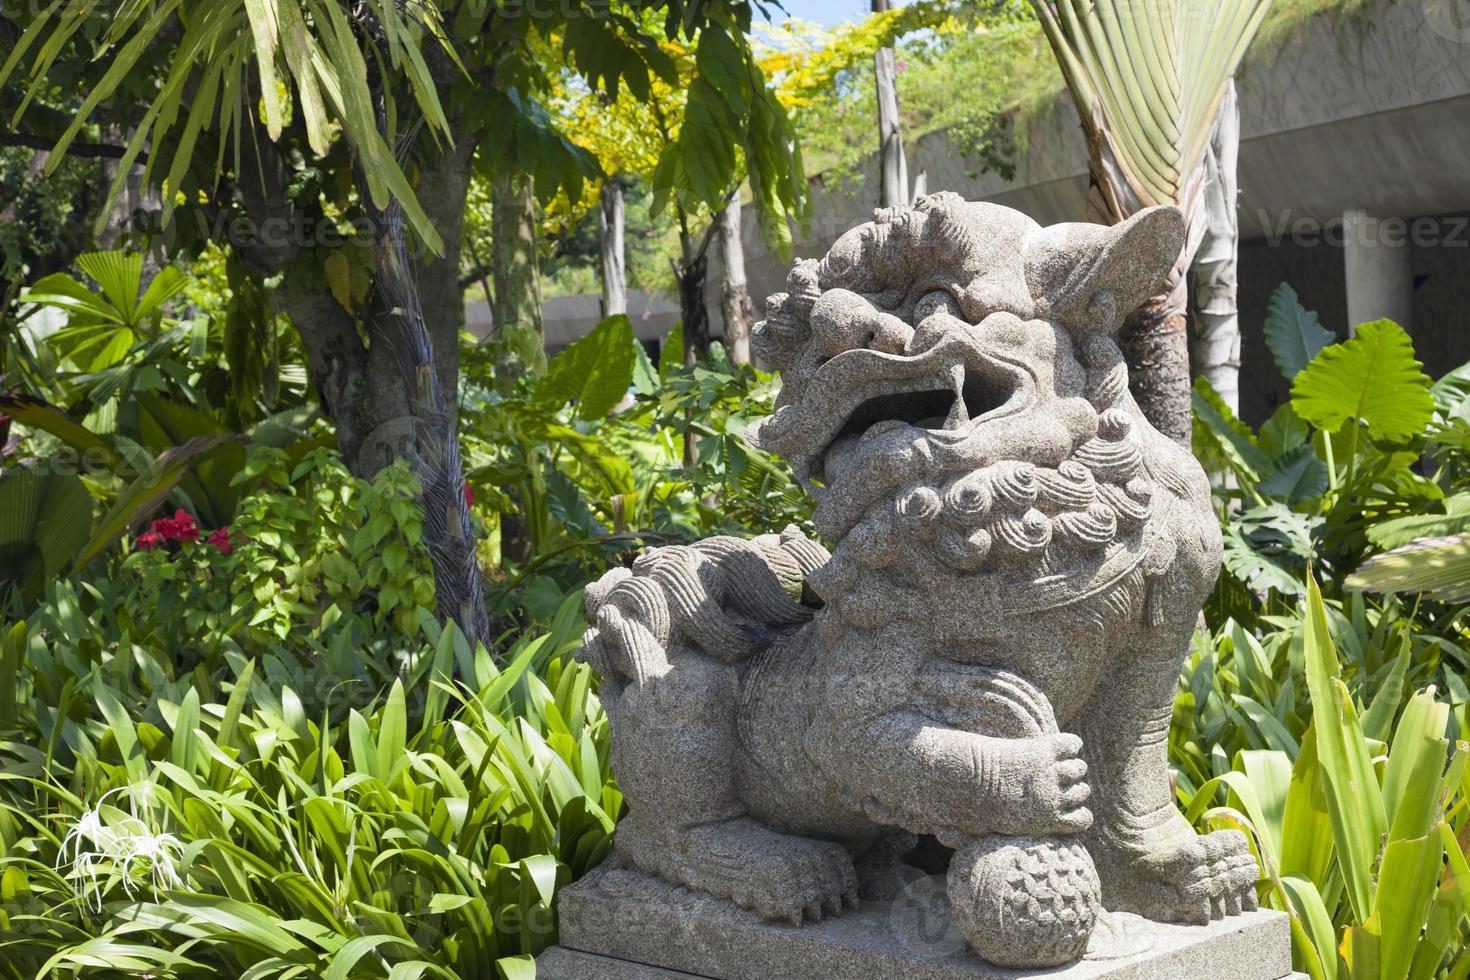 león de piedra chino foto